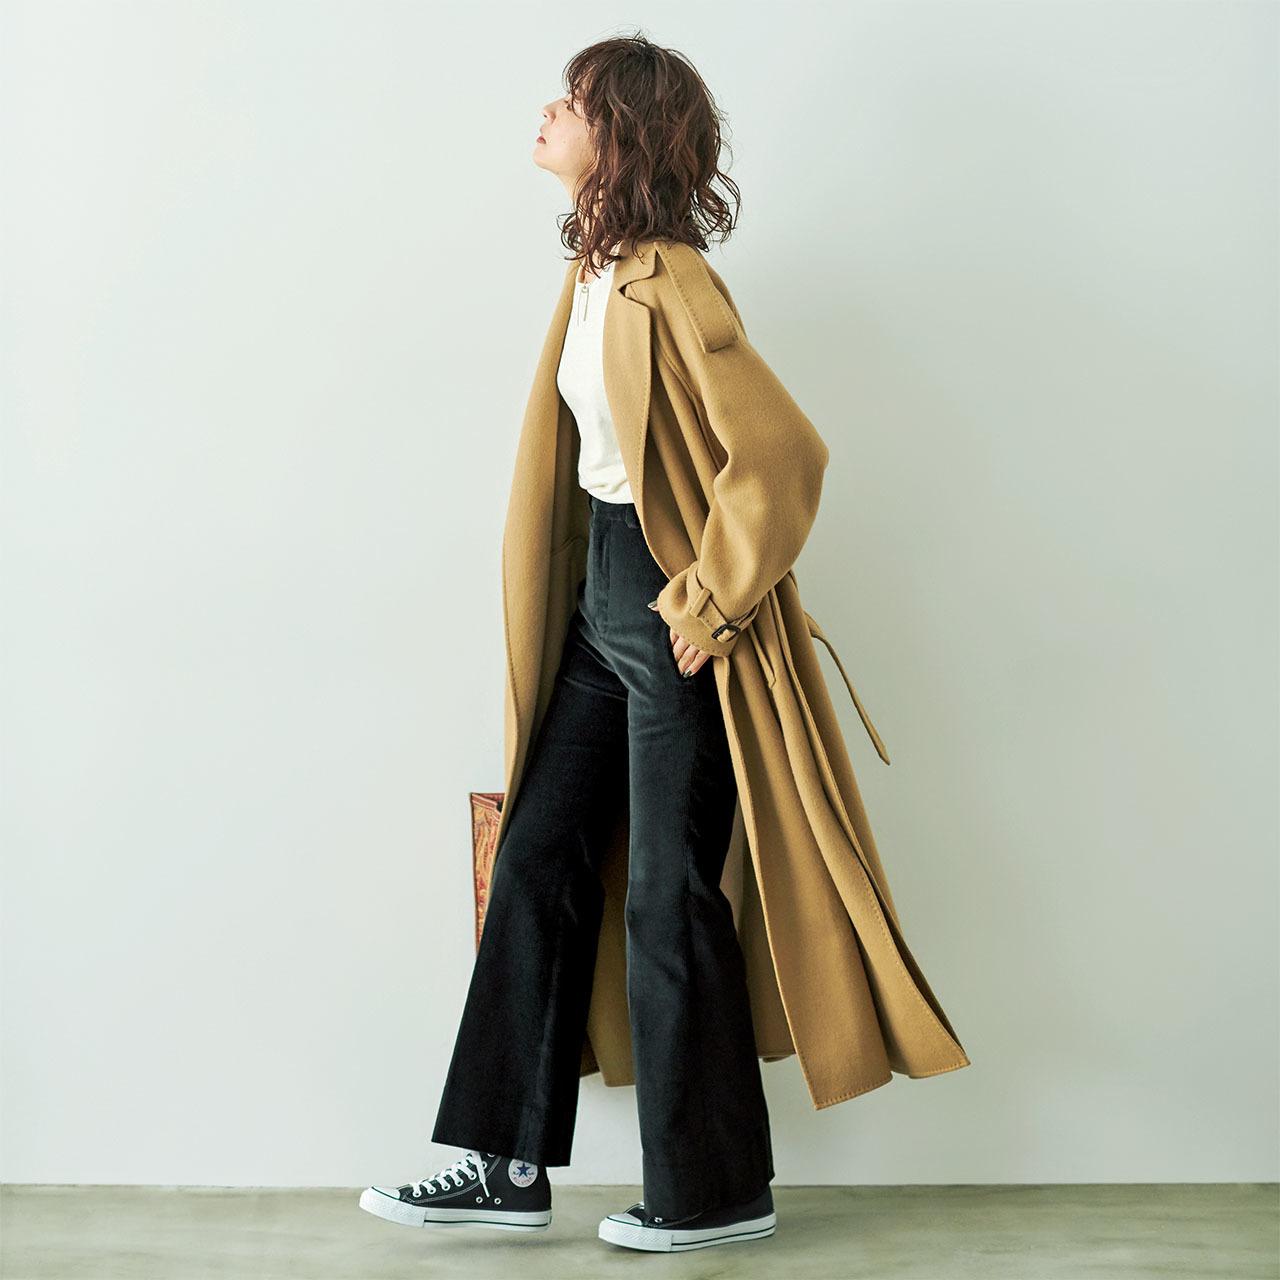 ファッション ロングコート×黒のコーデュロイパンツコーデ